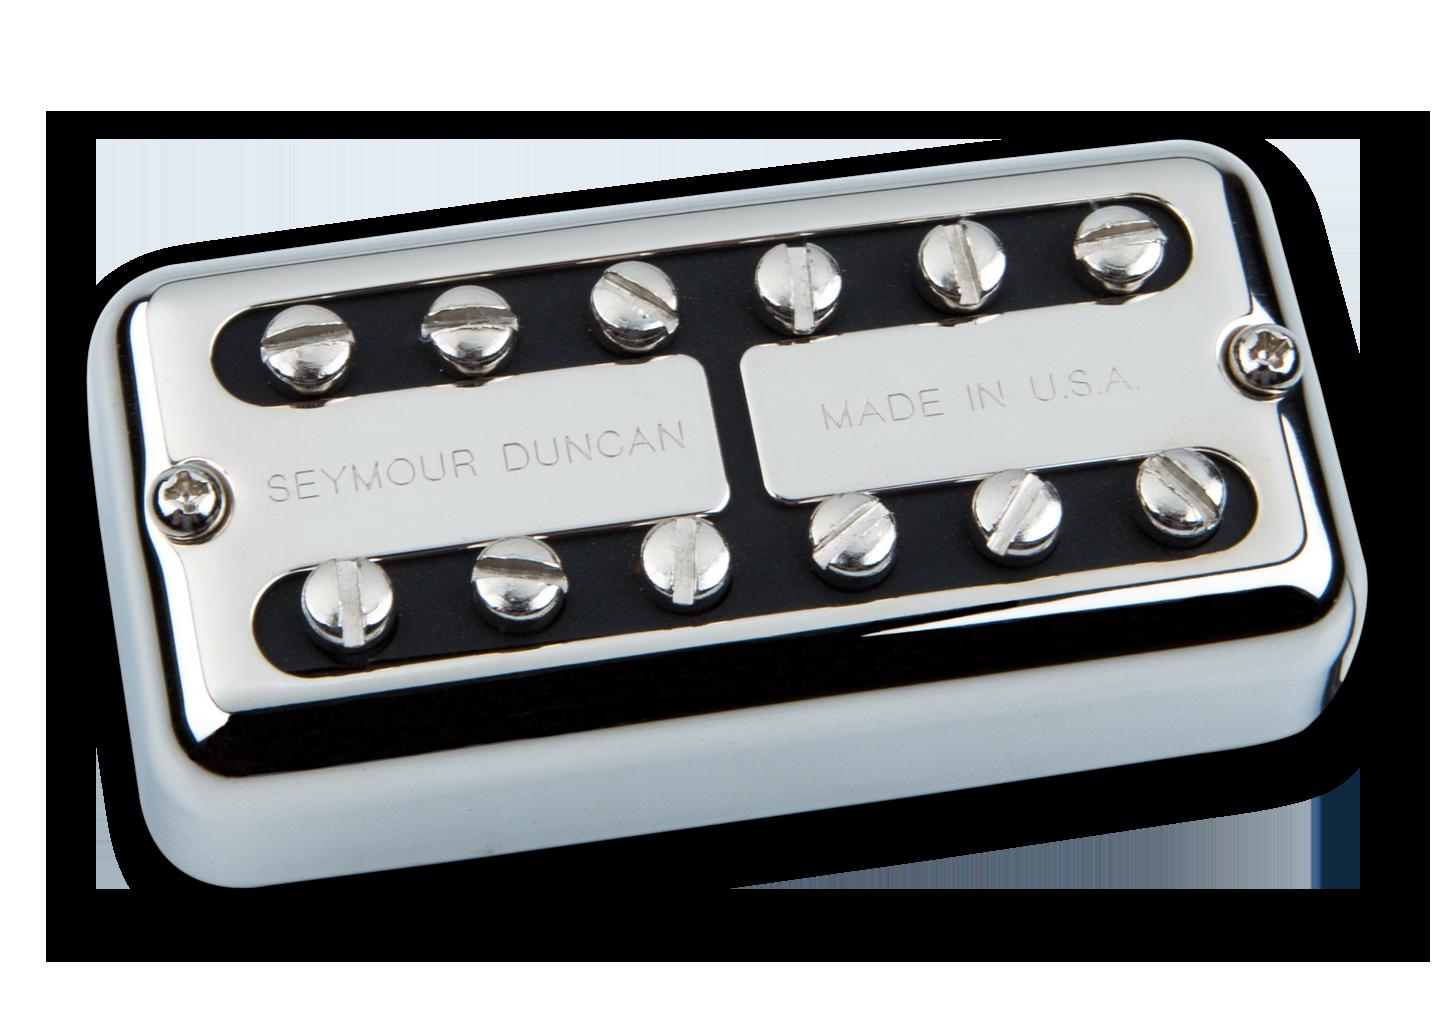 Seymour Duncan Psyclone Vintage - Bridge Nickel